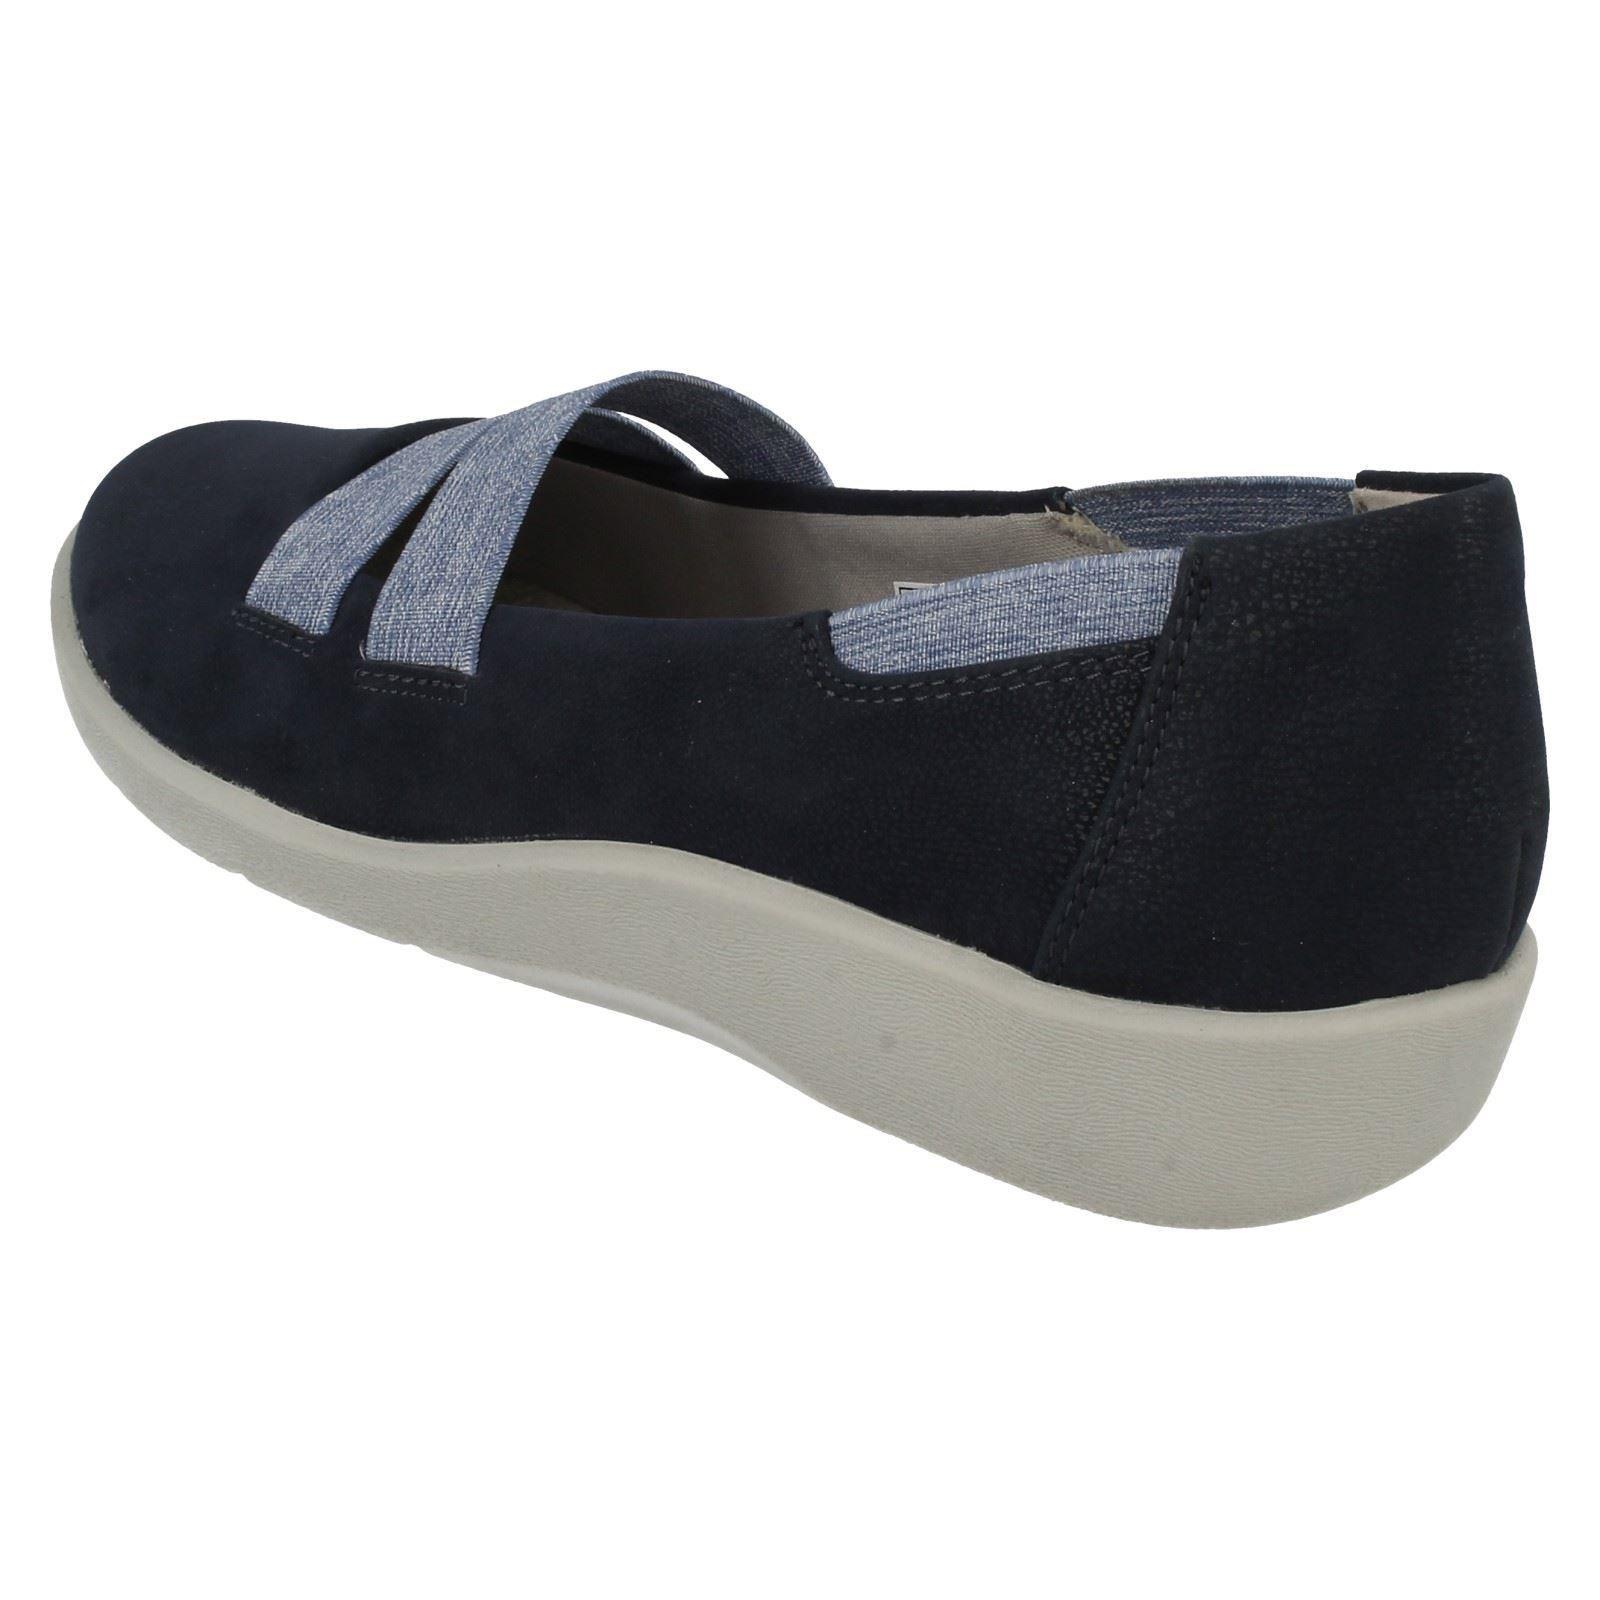 Clarks Shoes Sillian Rest Uk